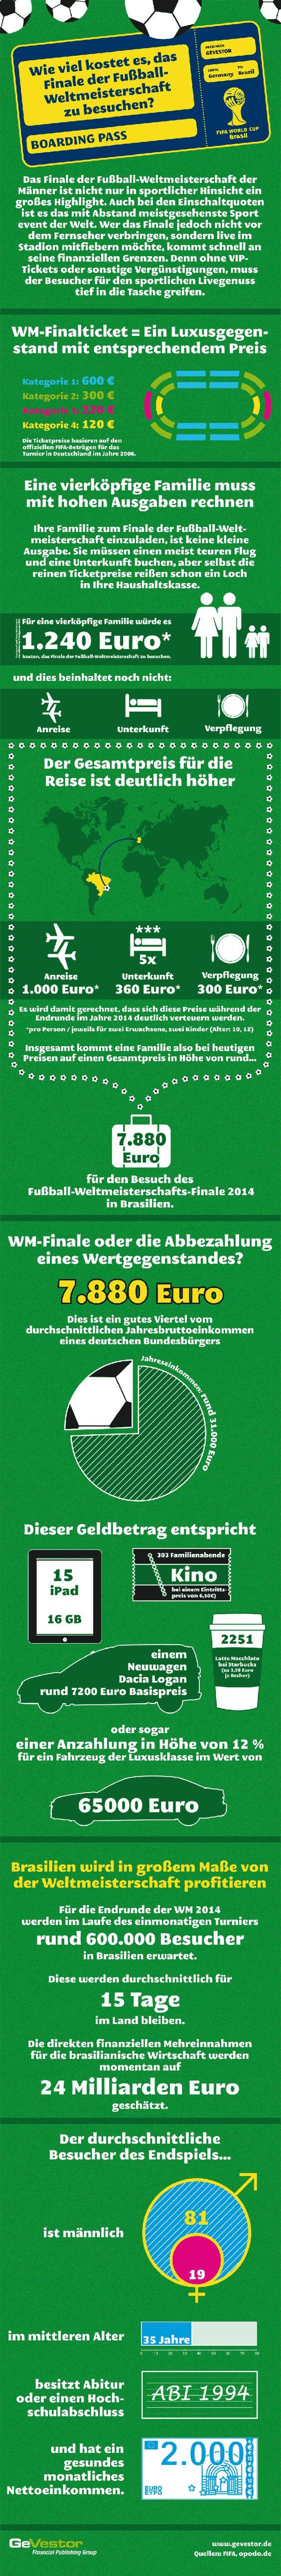 Infografik: Was kostet es, das WM 2014-Finale live im Stadion zu sehen?